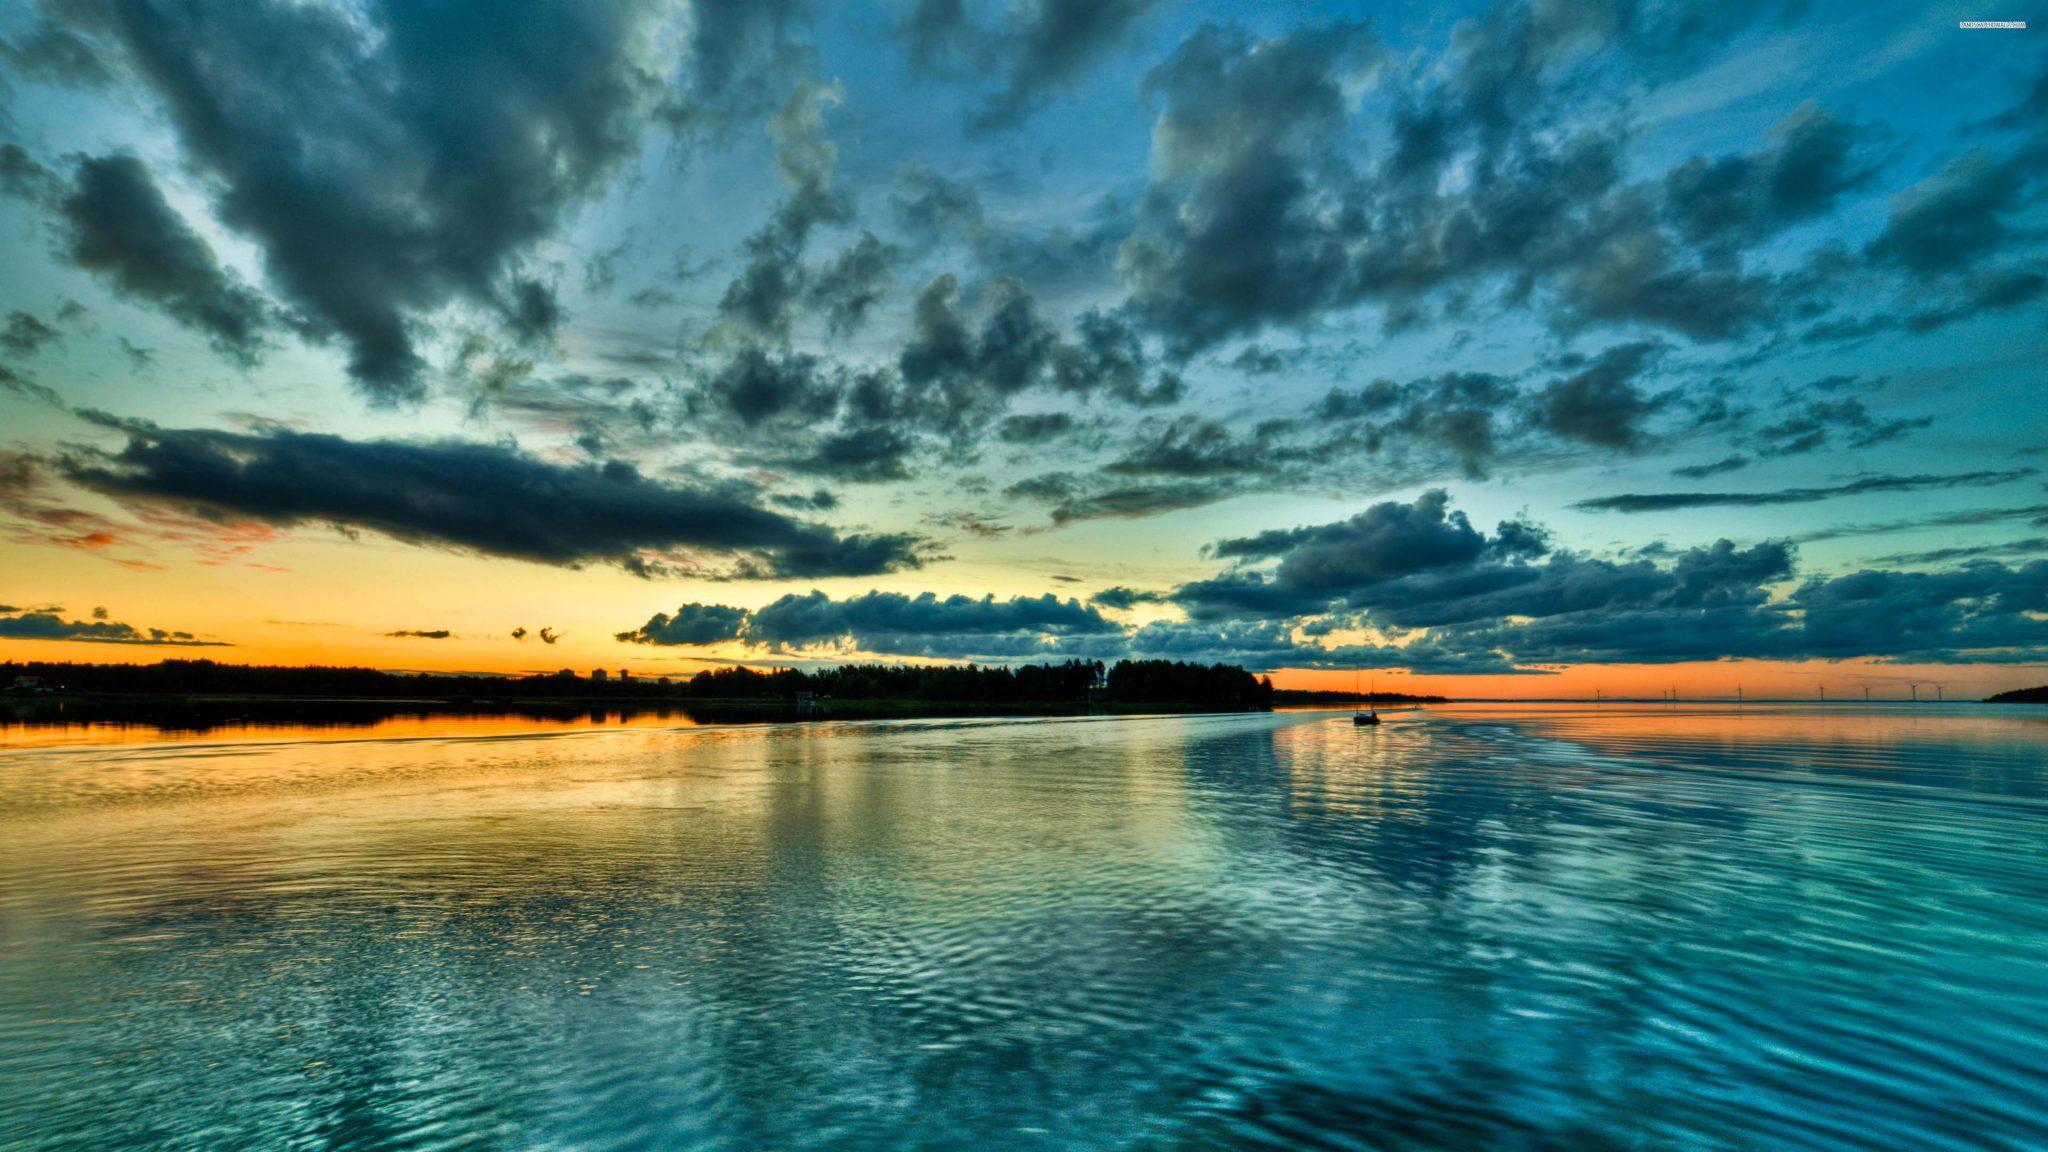 Ảnh nền pc 4k xinh đẹp của biển vào sáng sớm